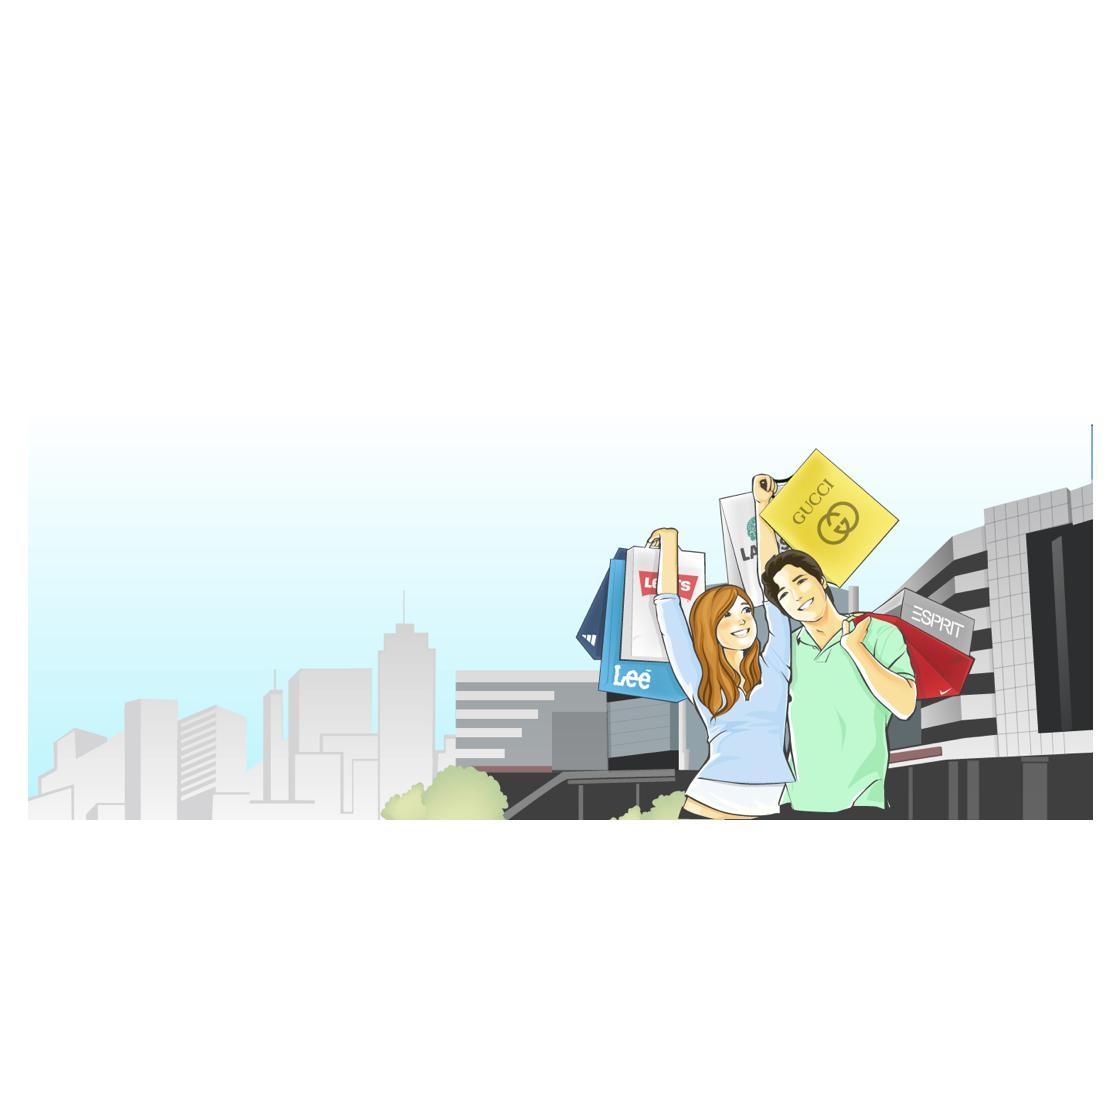 illustration designed by ds27